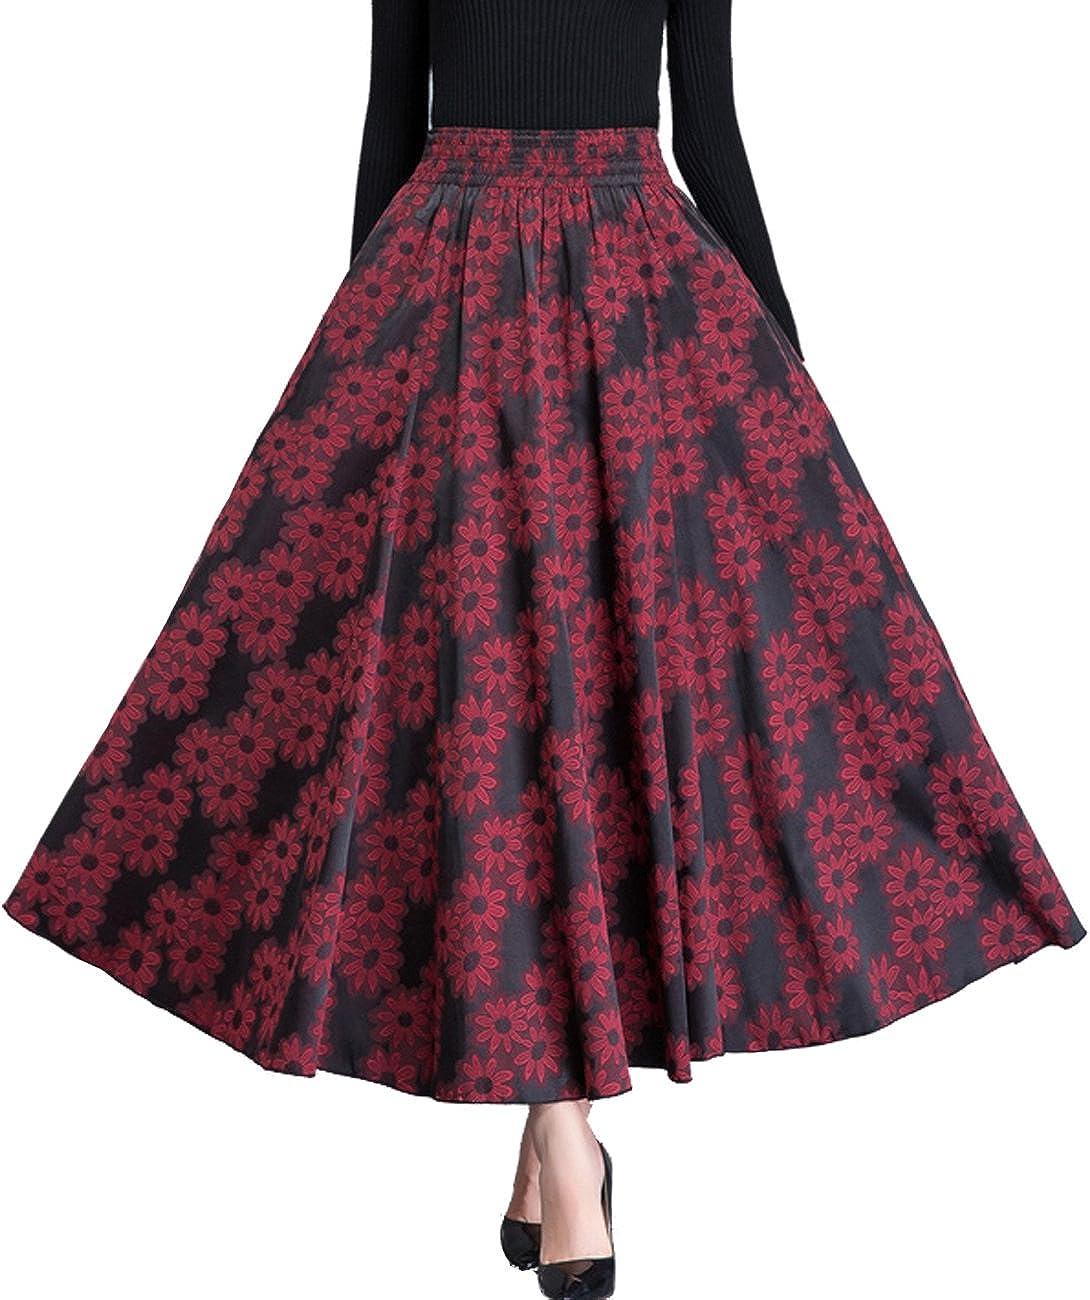 Femirah Women's Casual Cotton Linen Long Maxi Skirt with Elastic Waist